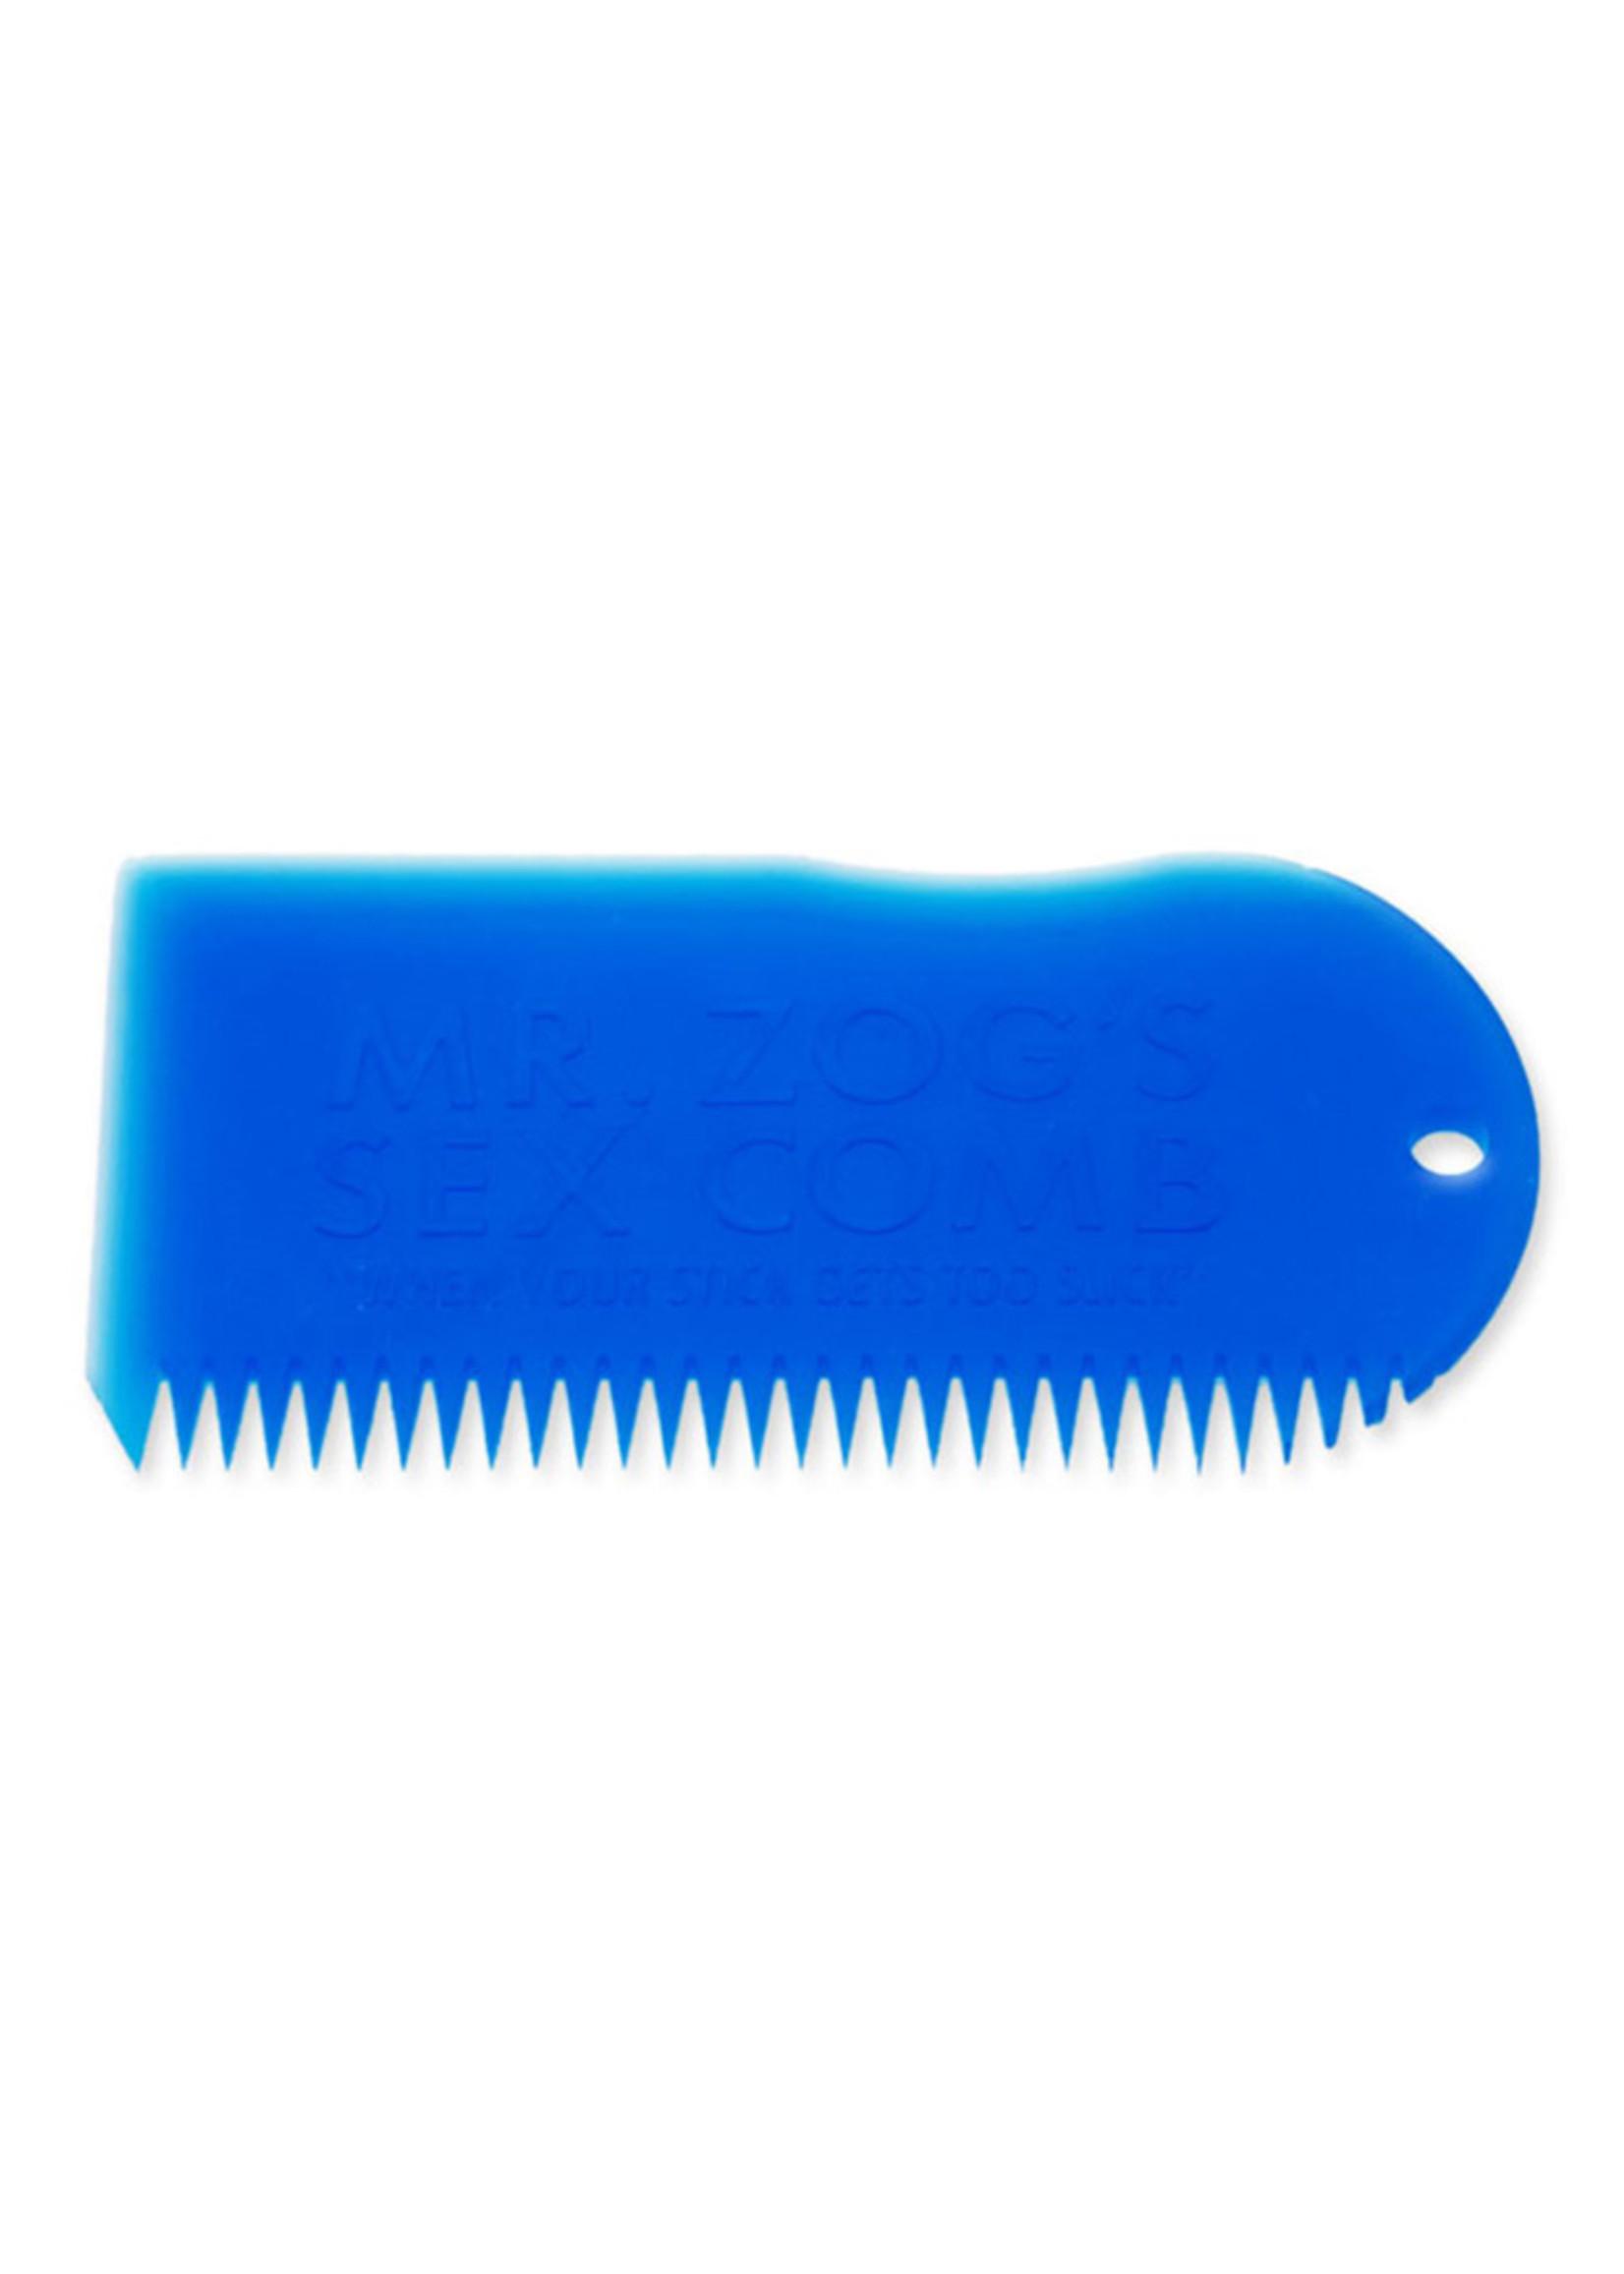 Sex Wax Sex Wax Wax Comb Blue